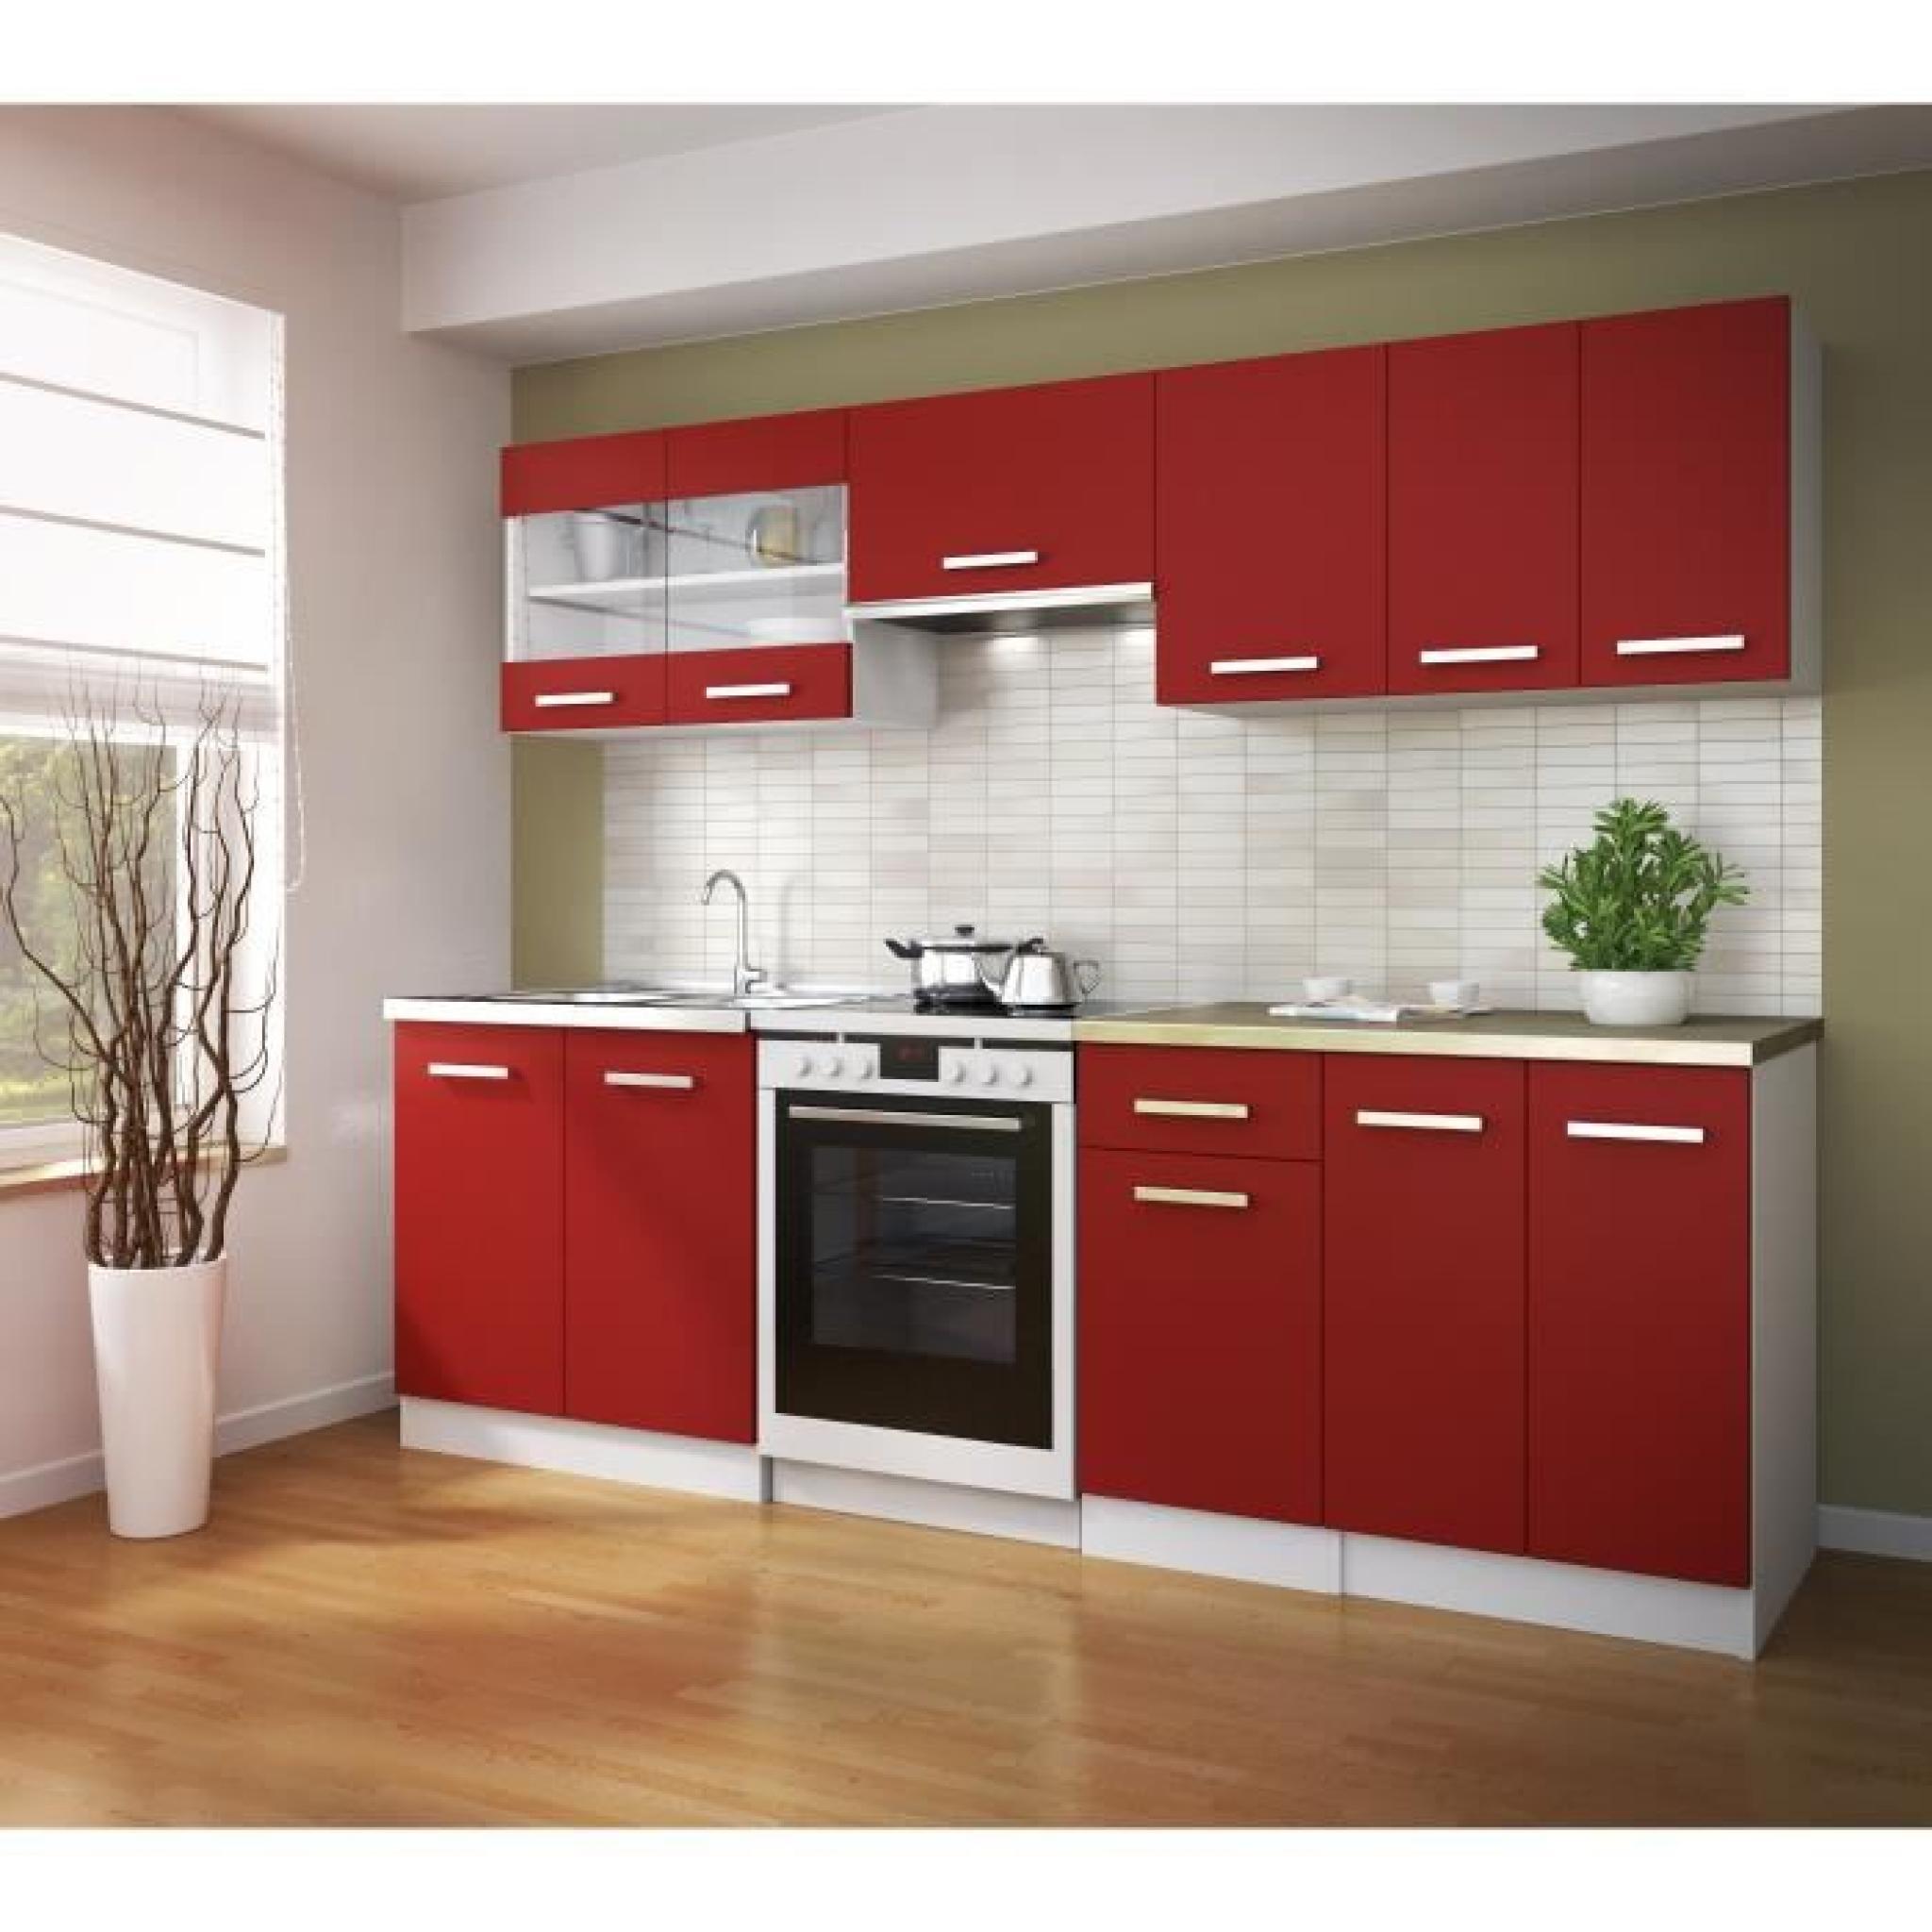 ultra cuisine compl te 2m40 rouge mat achat vente cuisine complete pas cher couleur et. Black Bedroom Furniture Sets. Home Design Ideas